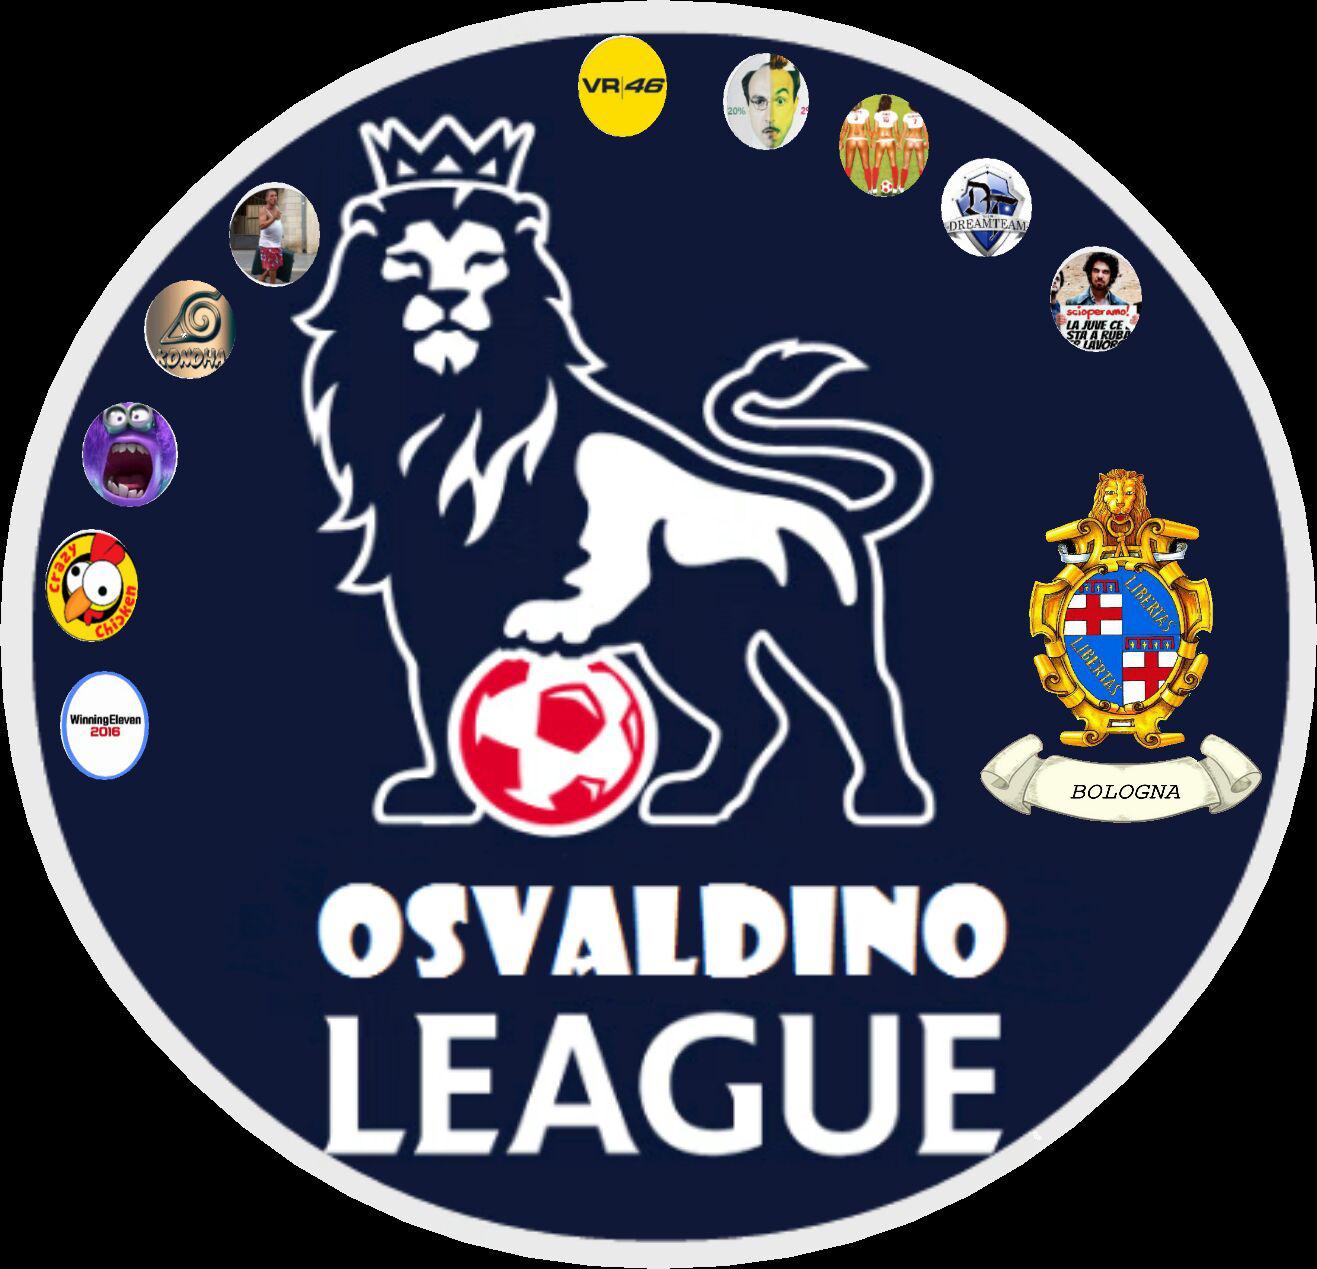 Osvaldino League